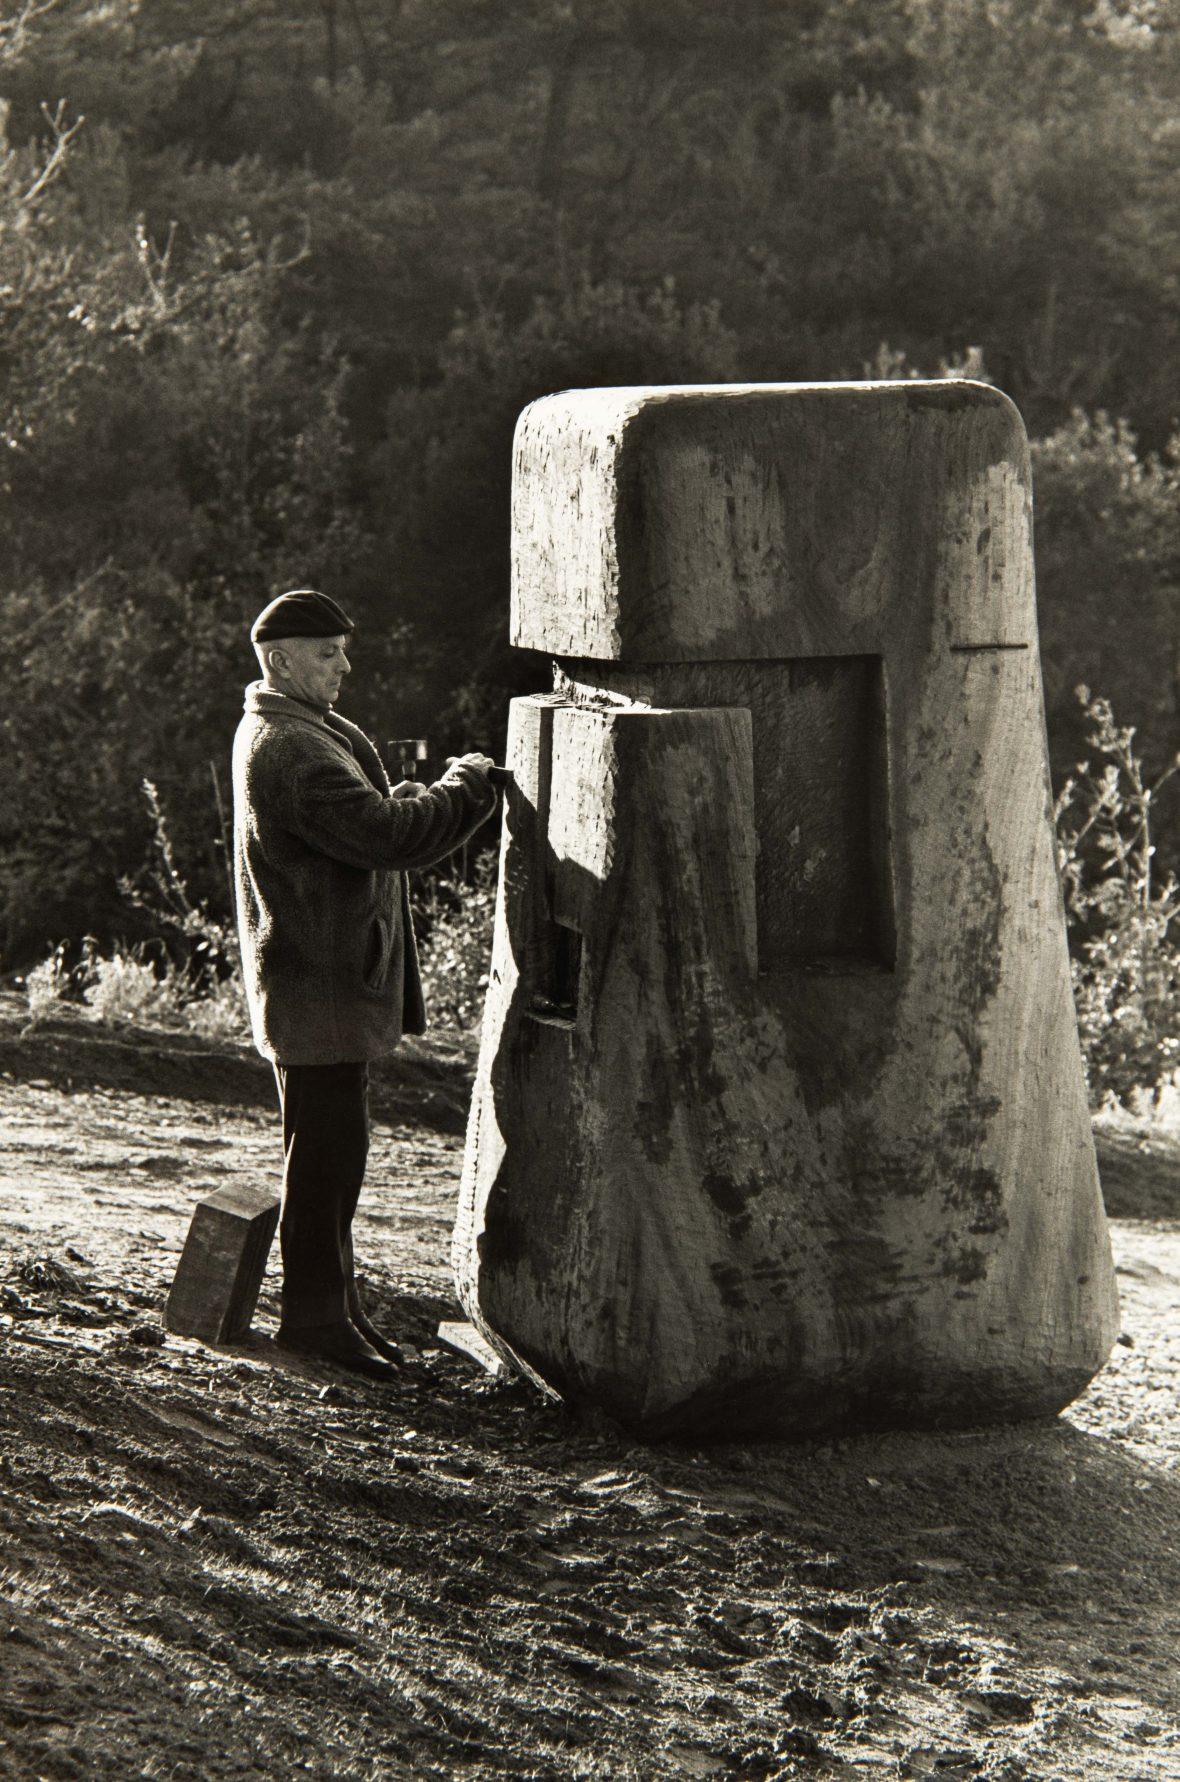 <p>Stahly sculptant dans le parc forestier du Crestet.</p>